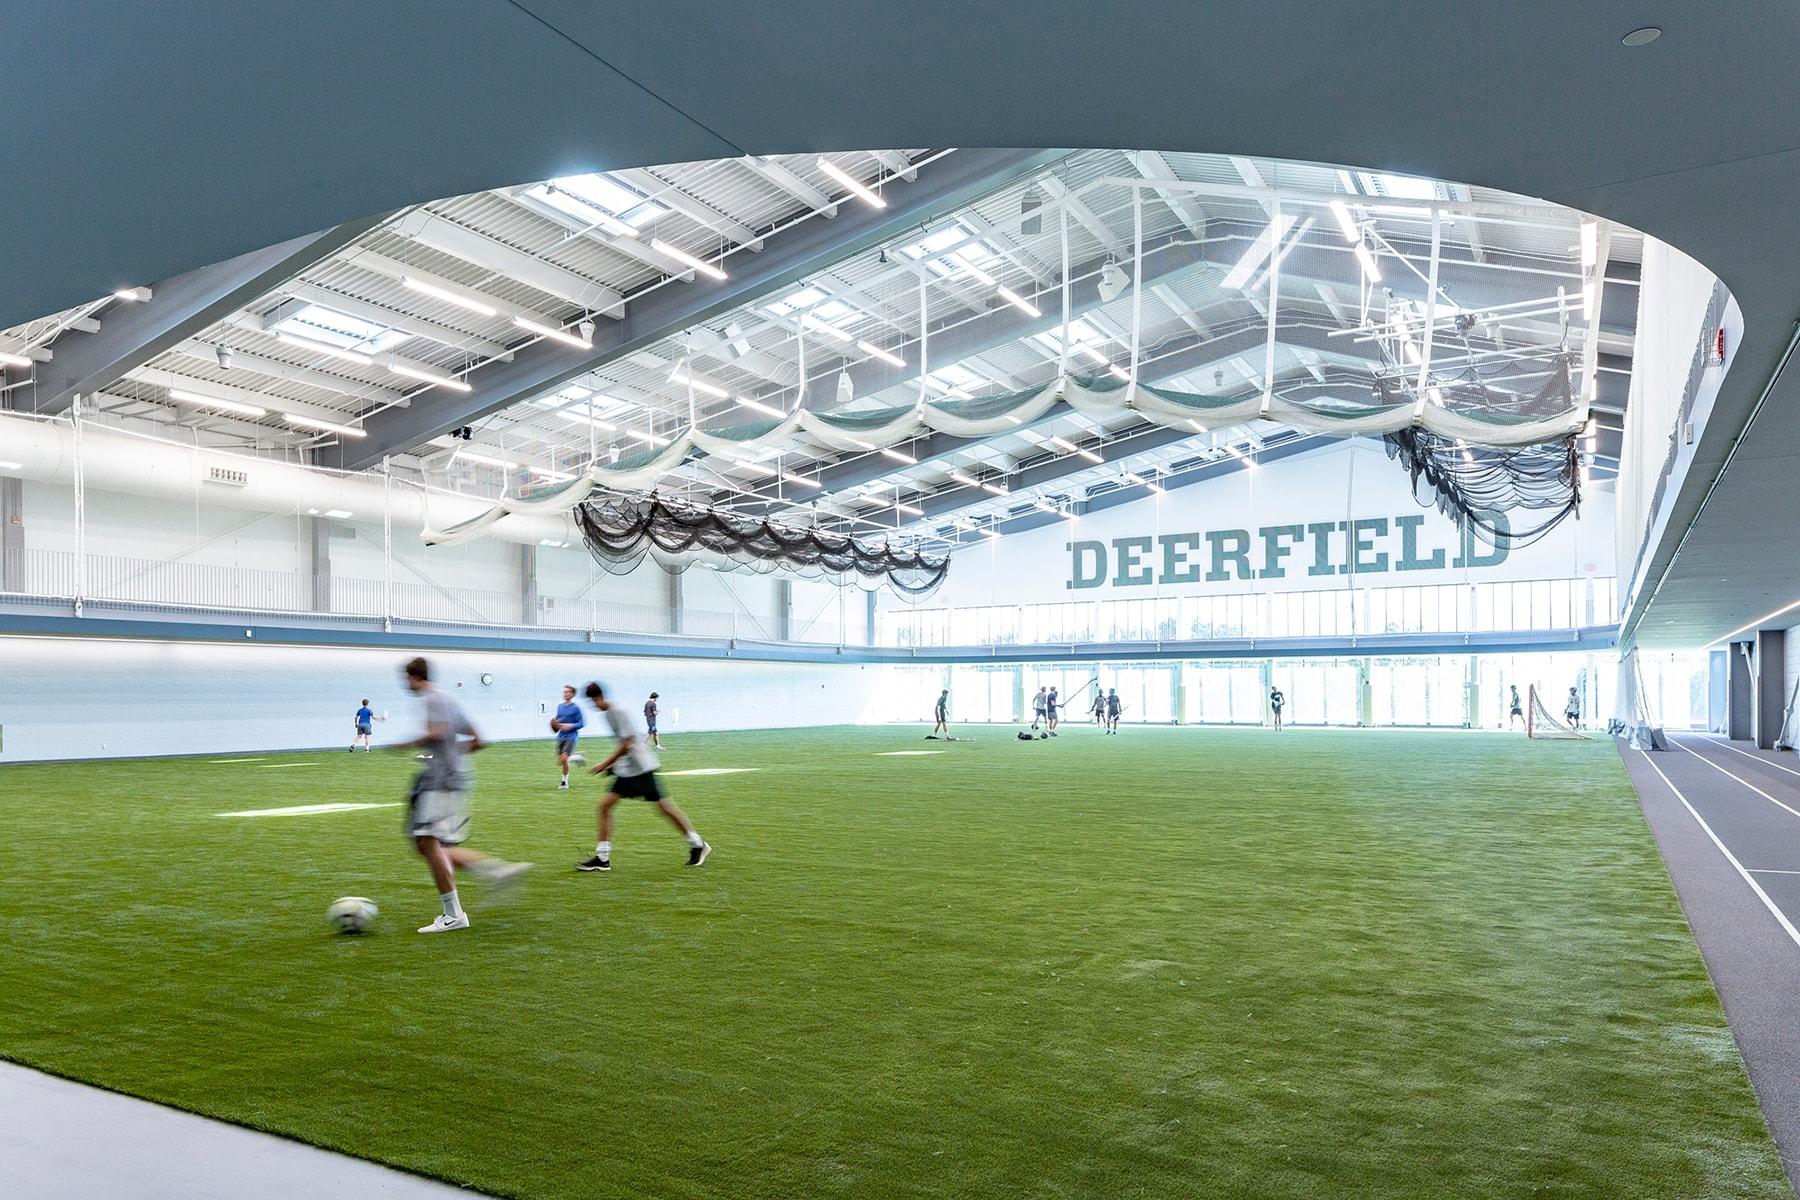 DeerfieldAcademyAthleticsComplex_06